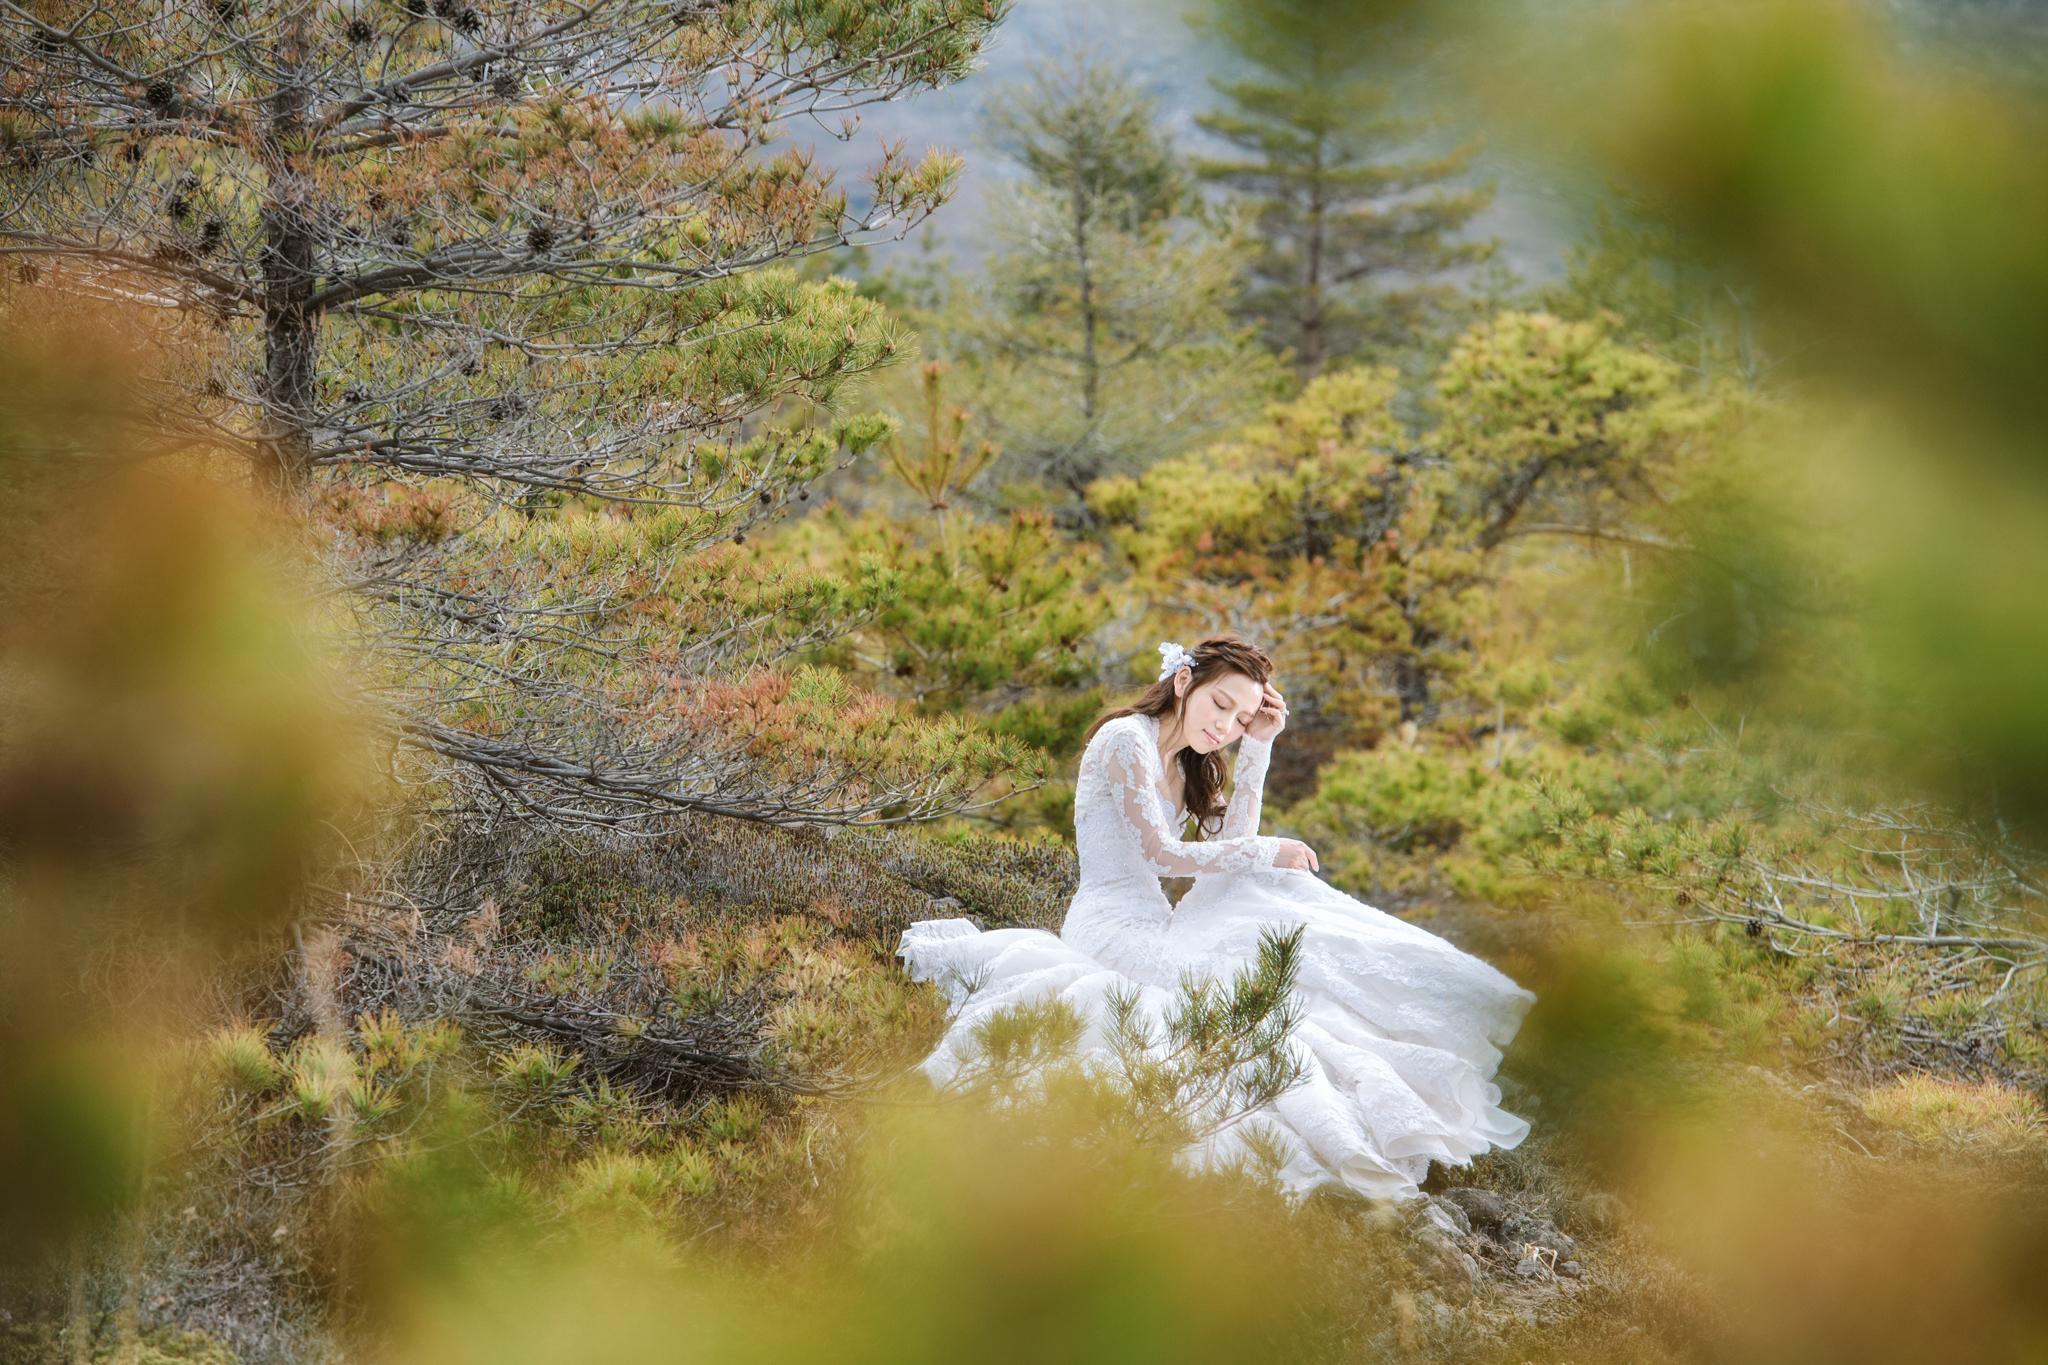 自主婚紗, 東法, 海外婚紗, 輕井澤, 輕井澤婚紗, 藝術婚紗, Donfer, Donfer Photography, EASTERN WEDDING, Fine Art